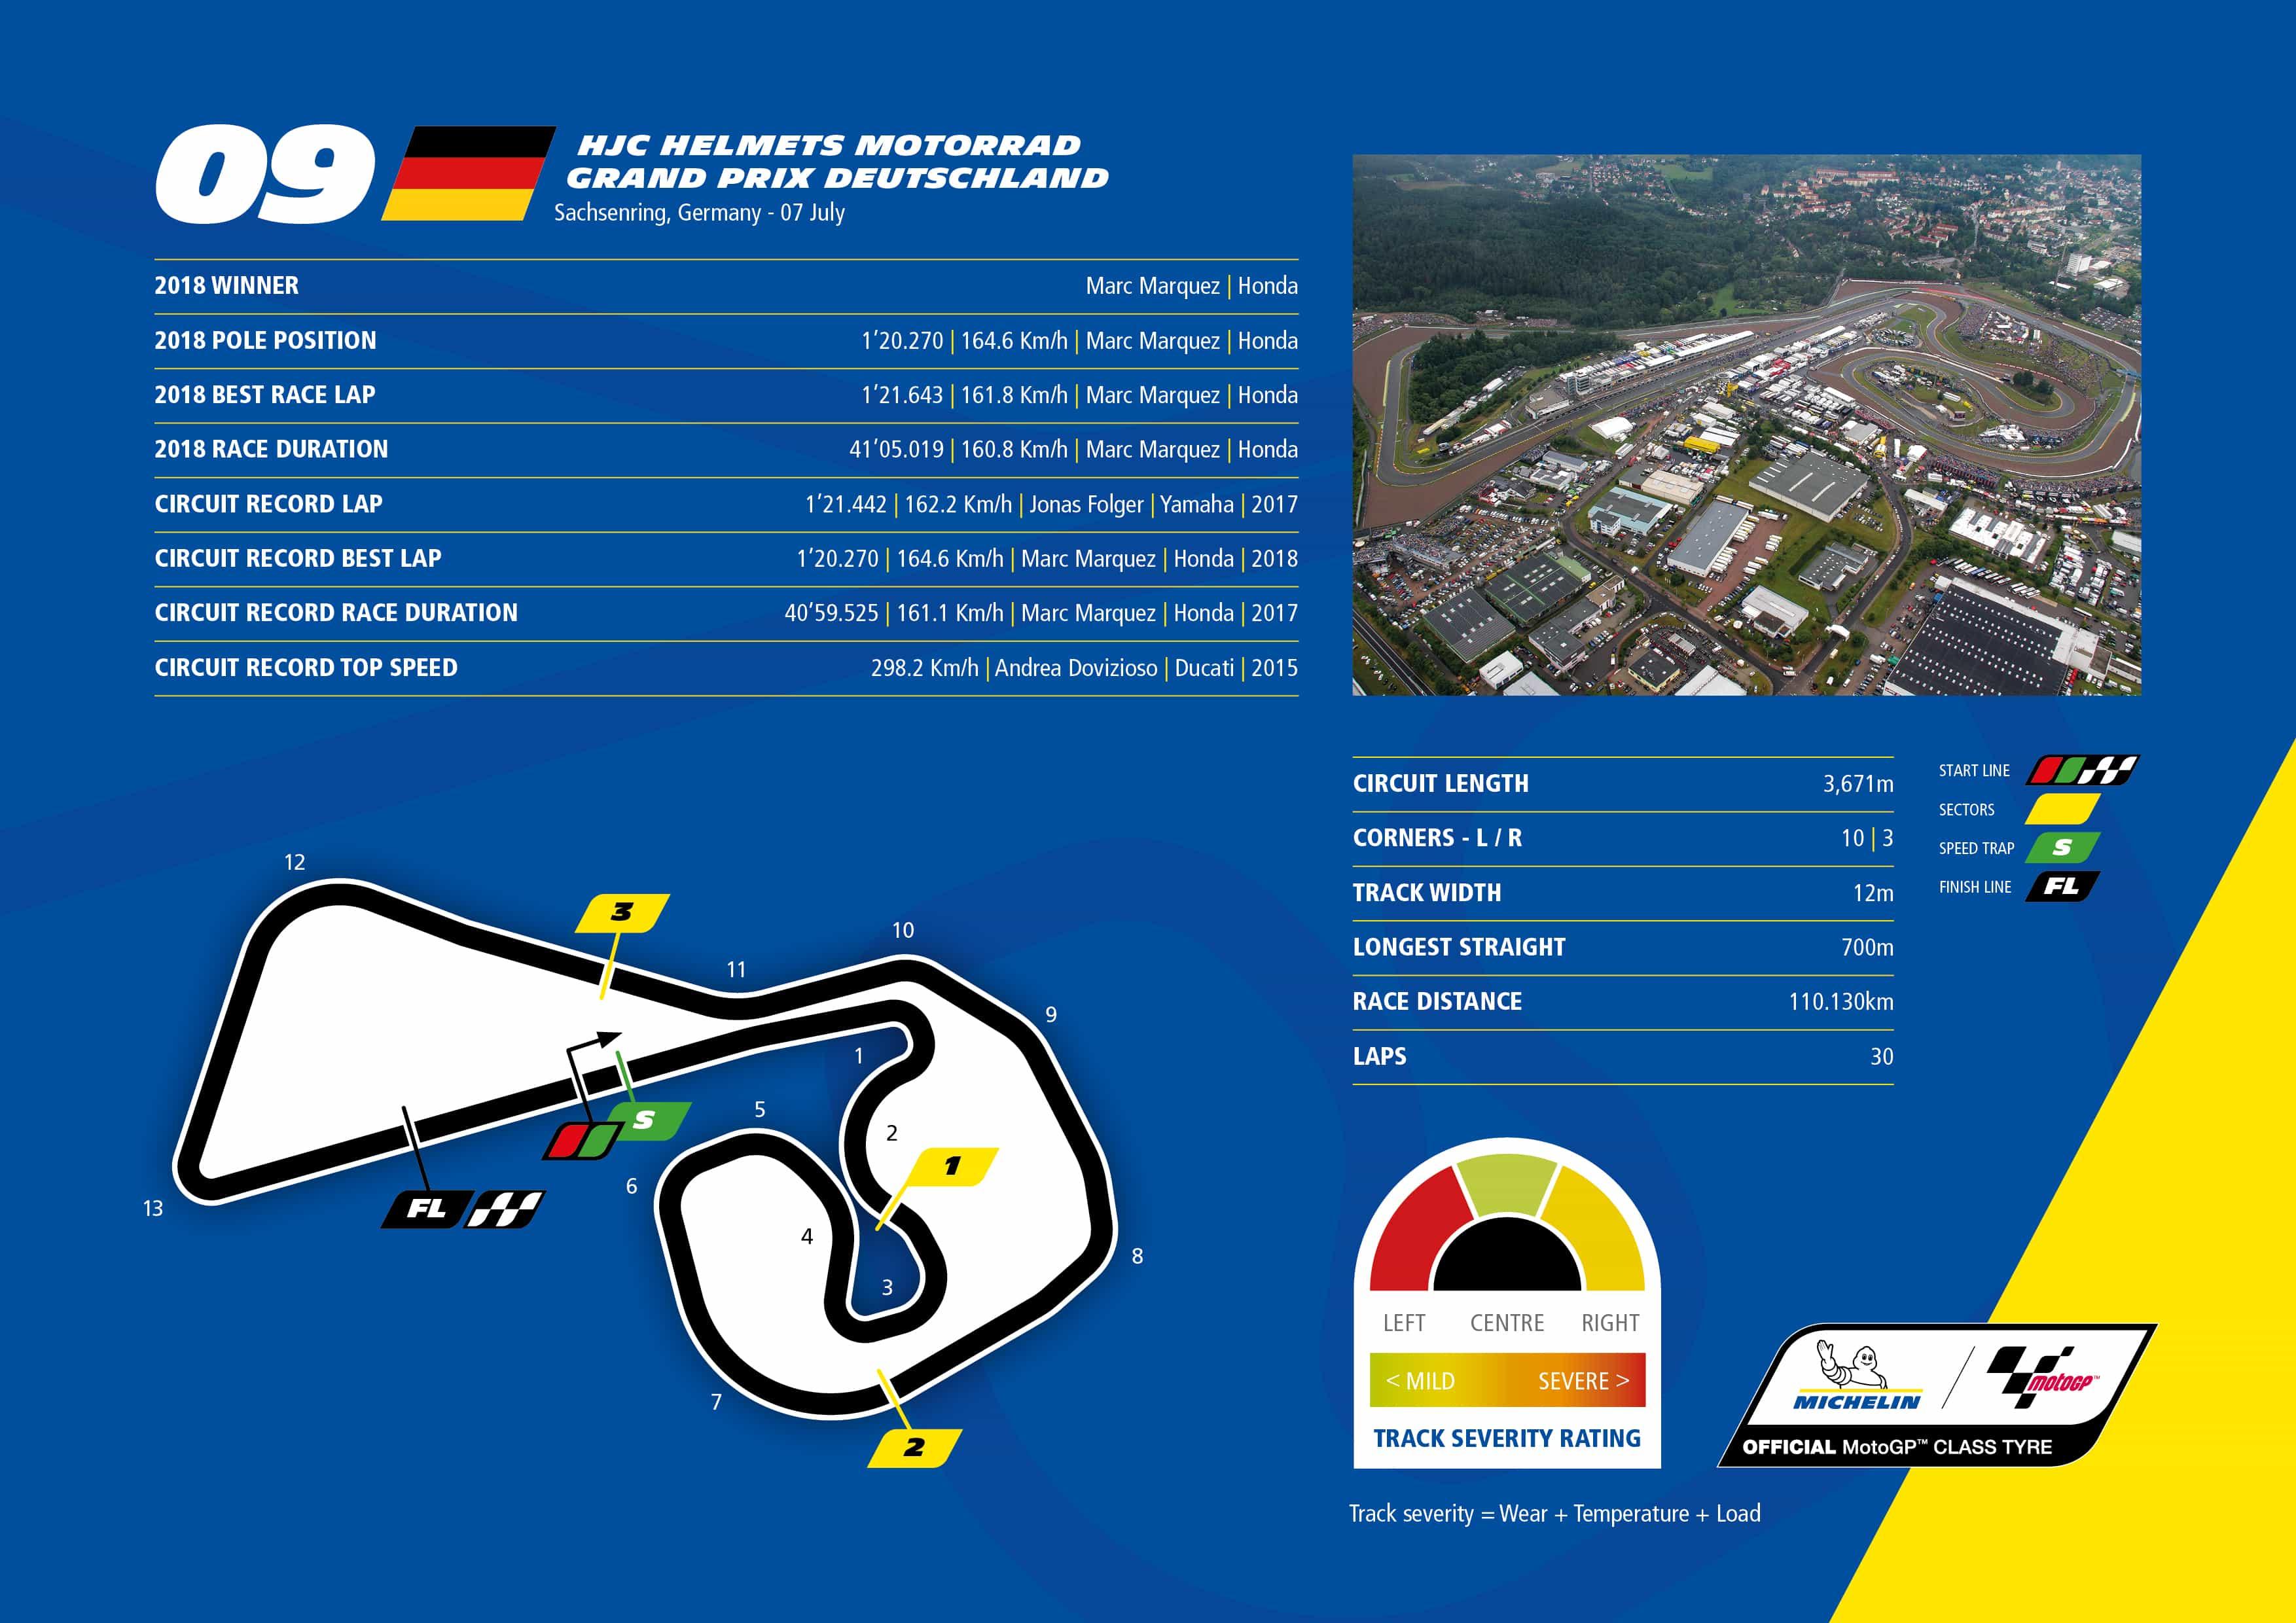 ミシュラン 新たなレース FIM Enel MotoEワールドカップ の舞台であるドイツへ